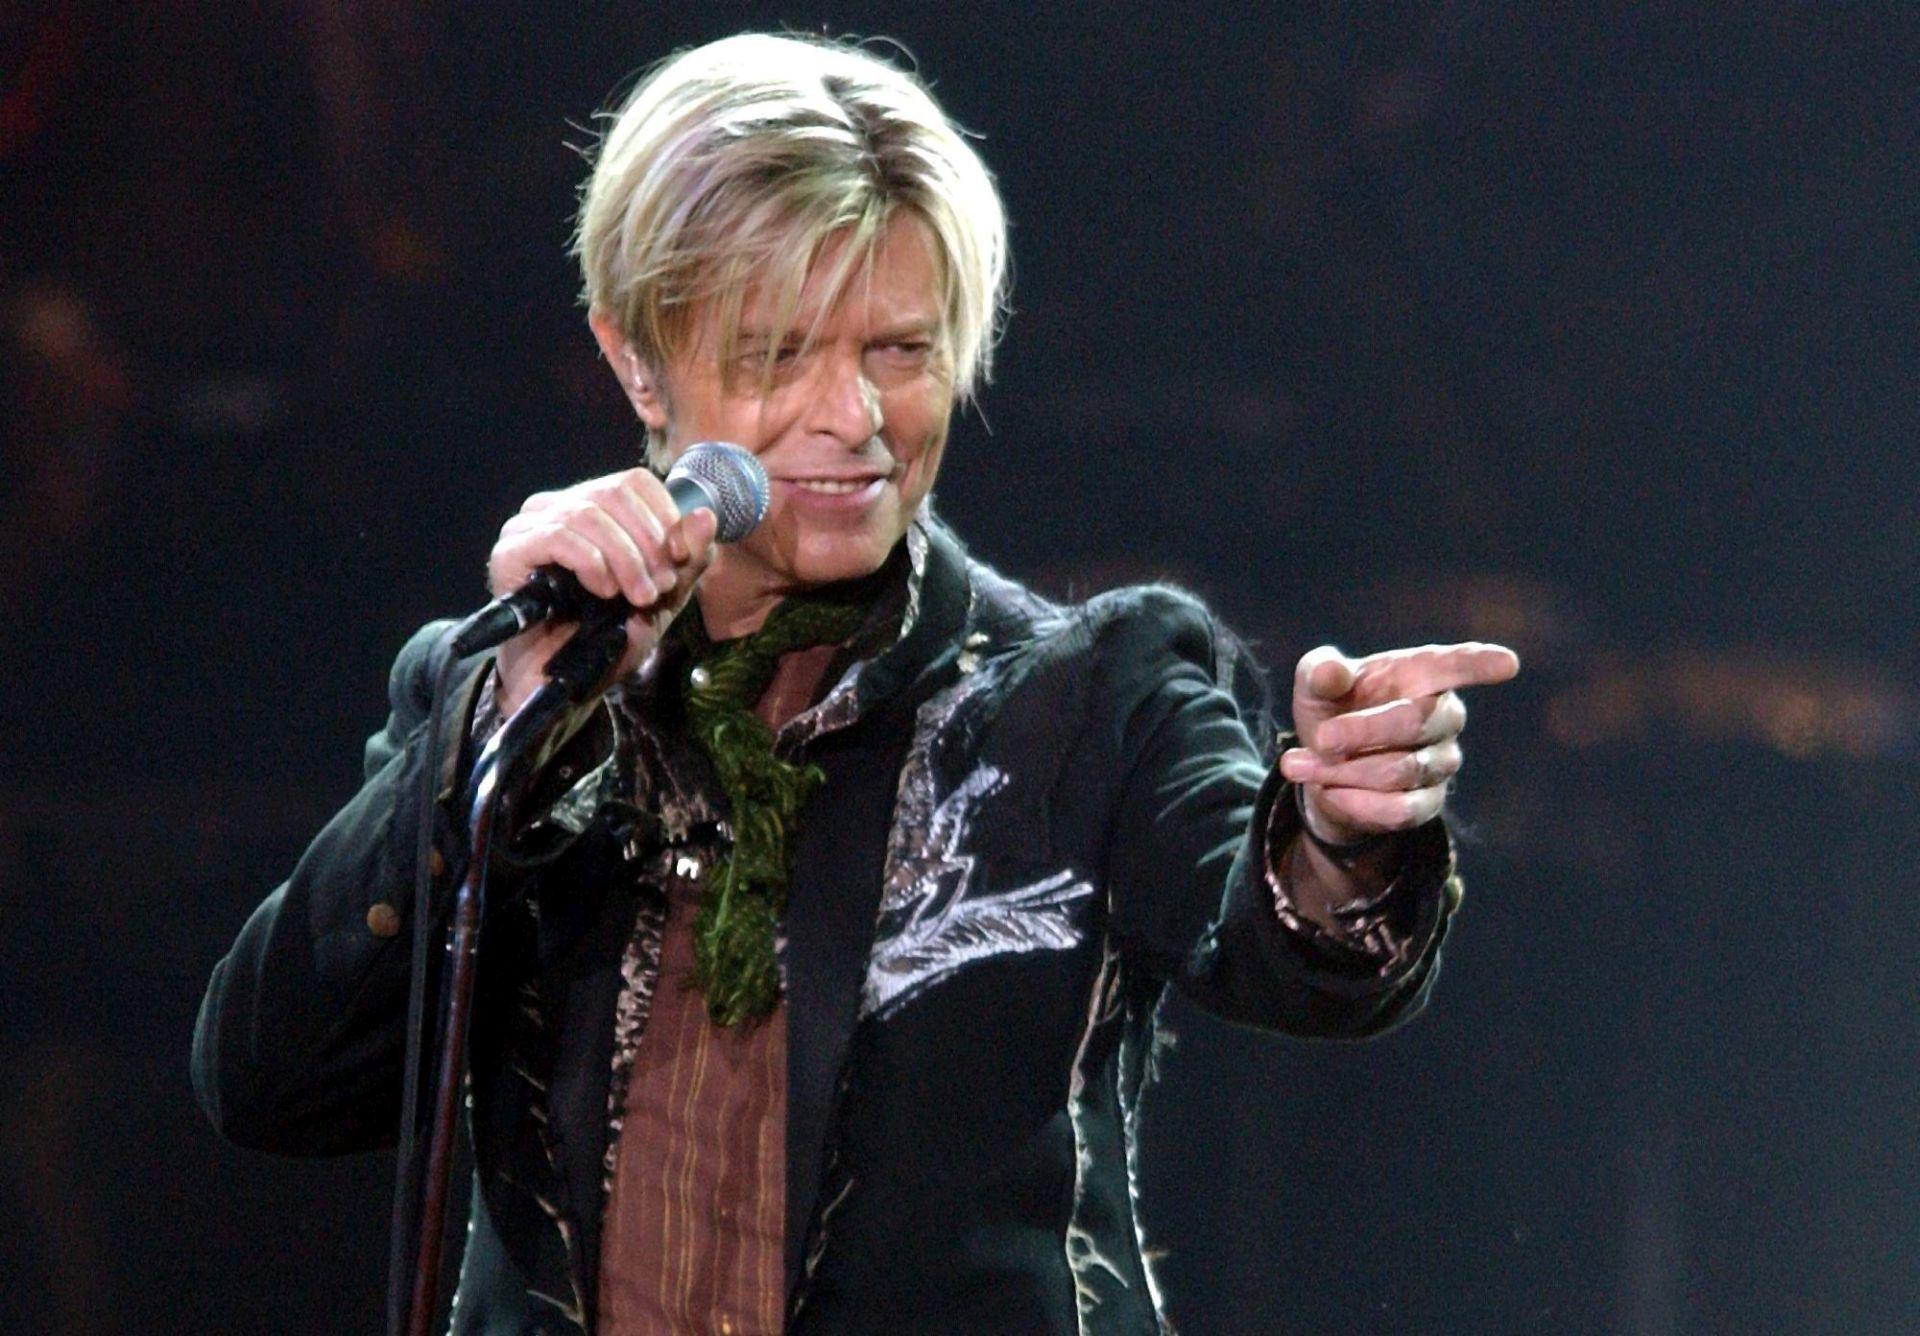 IZLOŽBA David Bowie na fotografijama Briana Rašića u Muzeju za umjetnost i obrt